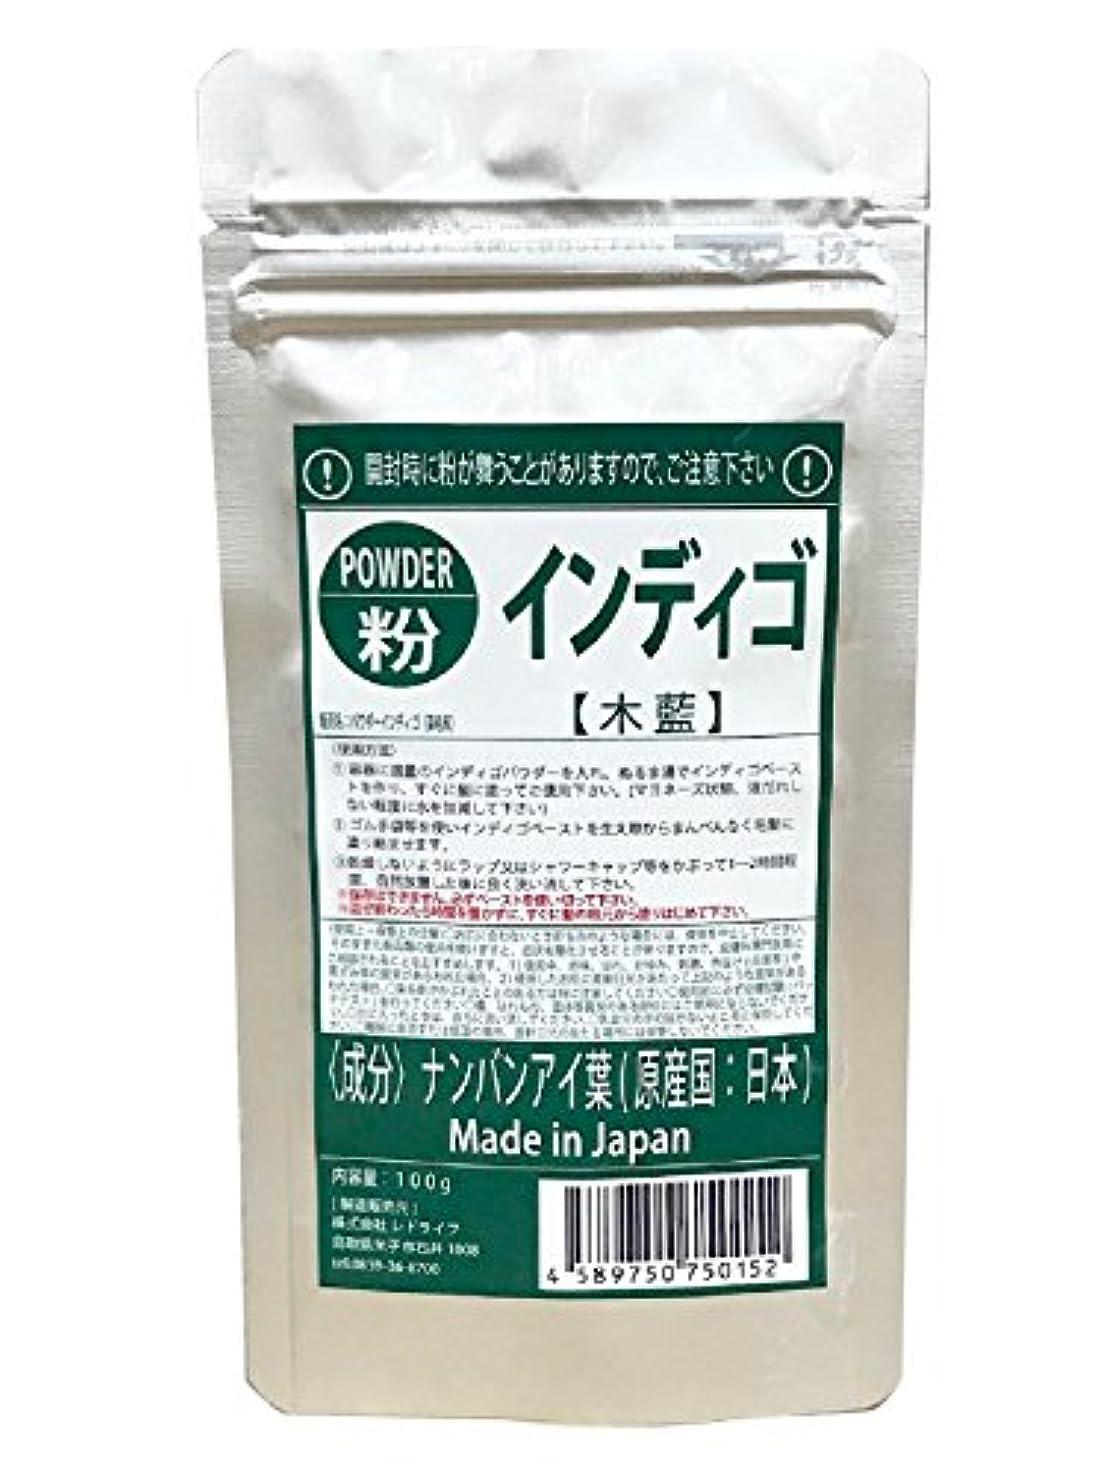 微生物まだら独立したSarajina パウダーインディゴ 木藍 日本国産インディゴ 100g